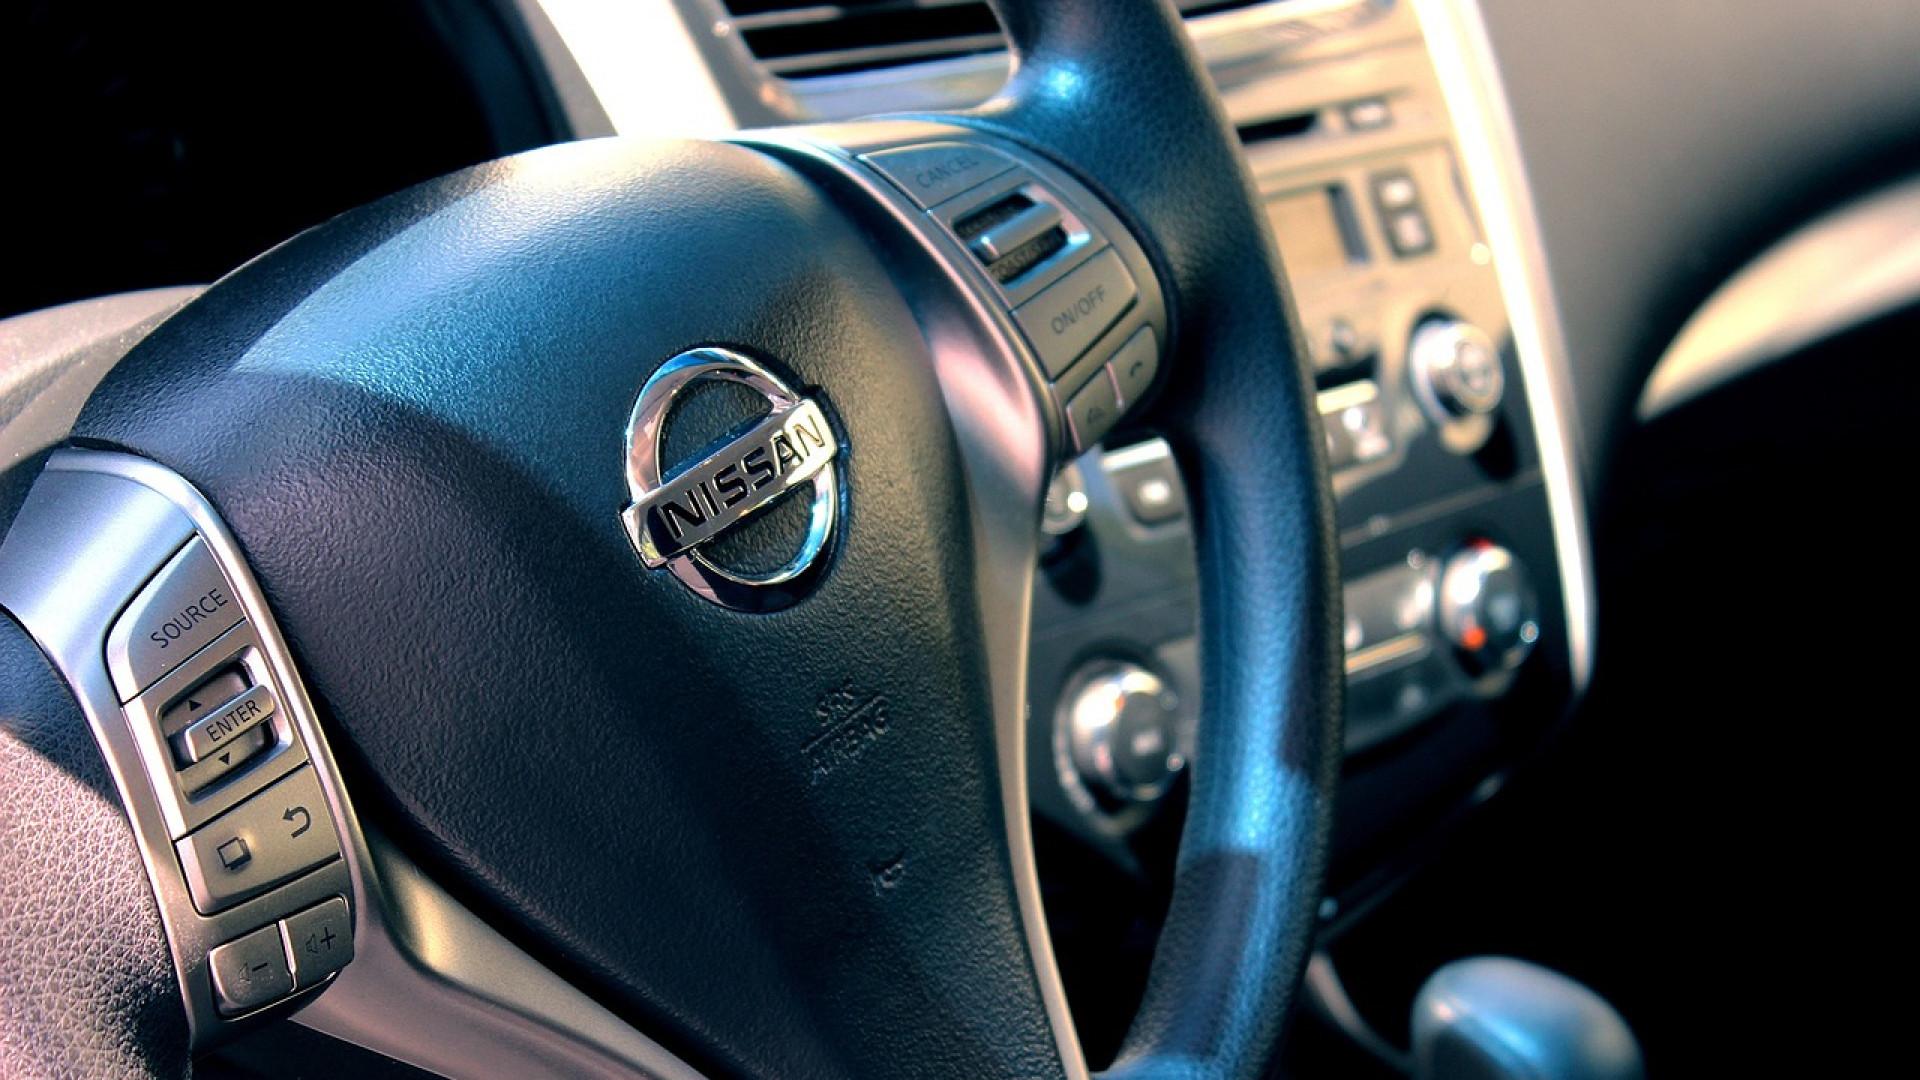 Rachat de voiture d'occasion en Loire-Atlantique : pourquoi s'adresser à un professionnel ?